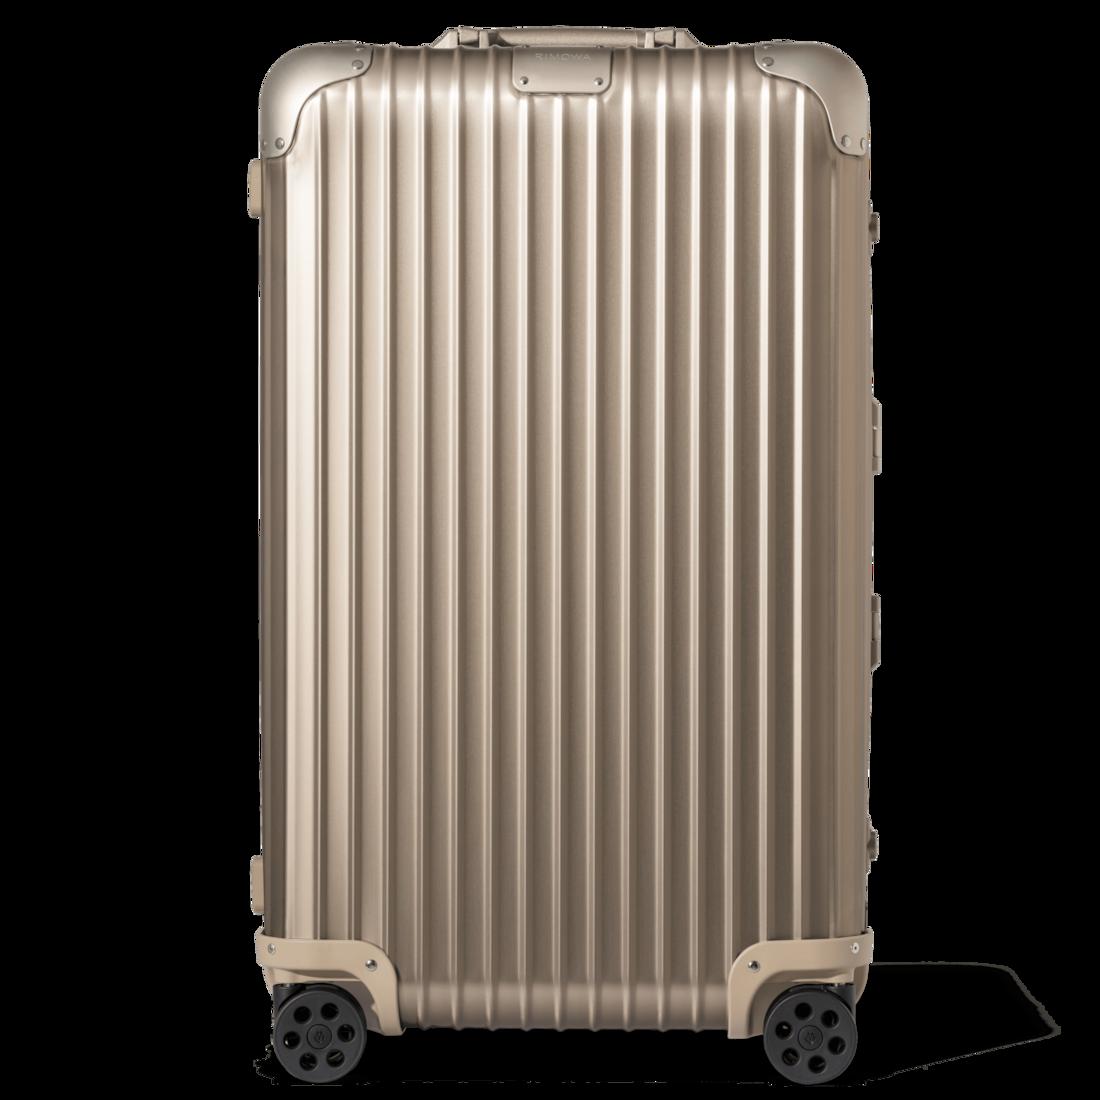 RIMOWA(リモワ)おすすめのブランドスーツケース1